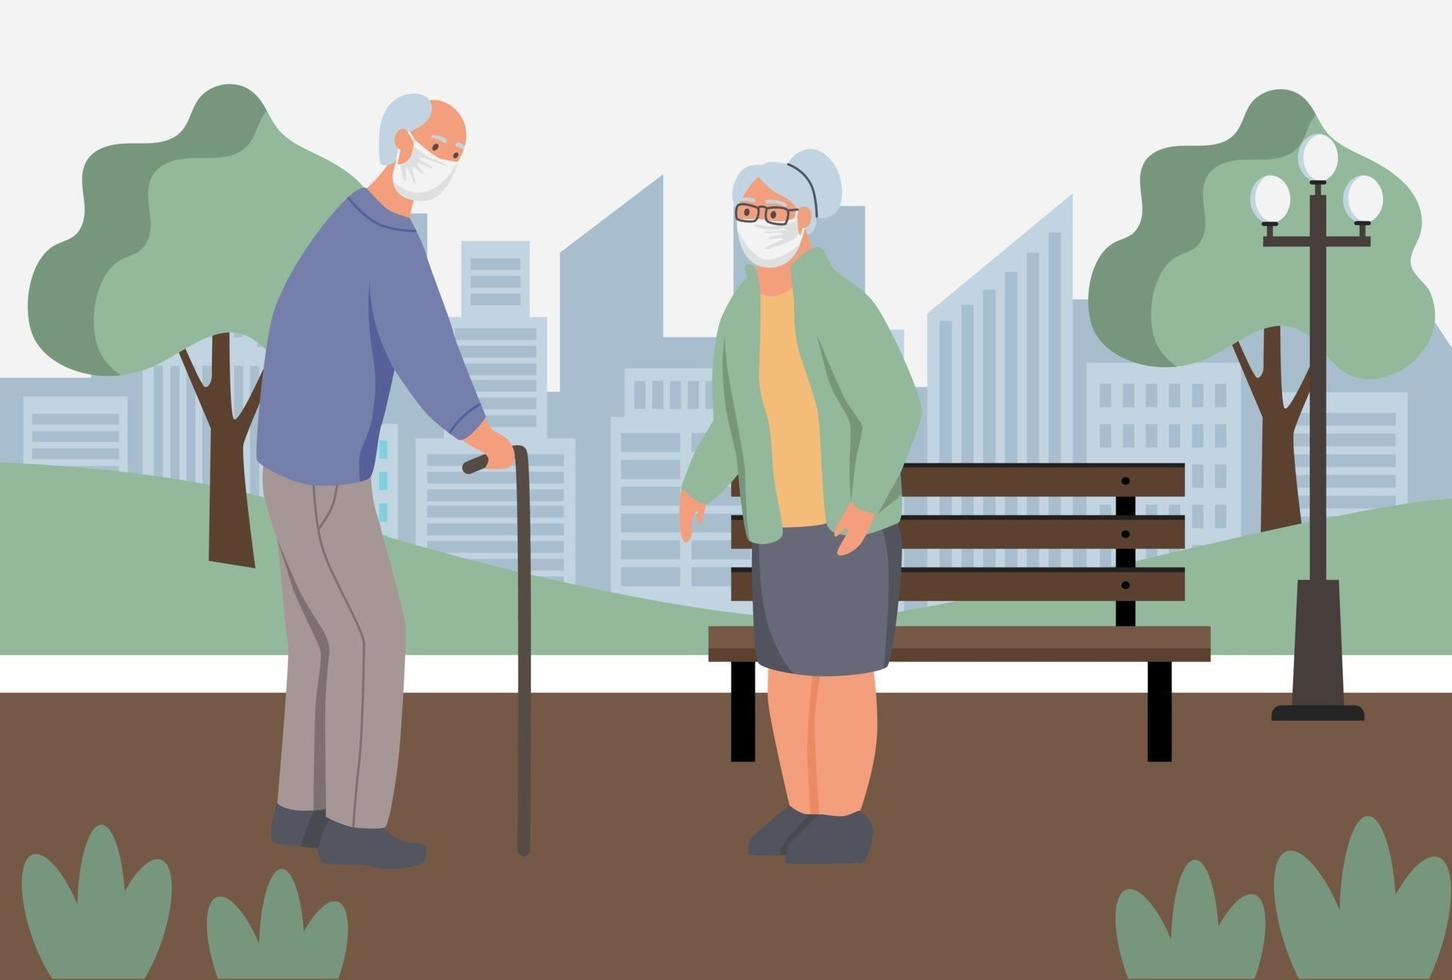 anziano in maschere protettive antipolvere per il viso wolk nel parco. protezione dall'inquinamento atmosferico urbano, smog, vapori. quarantena del coronavirus, concetto di virus respiratorio. illustrazione vettoriale di cartone animato piatto.